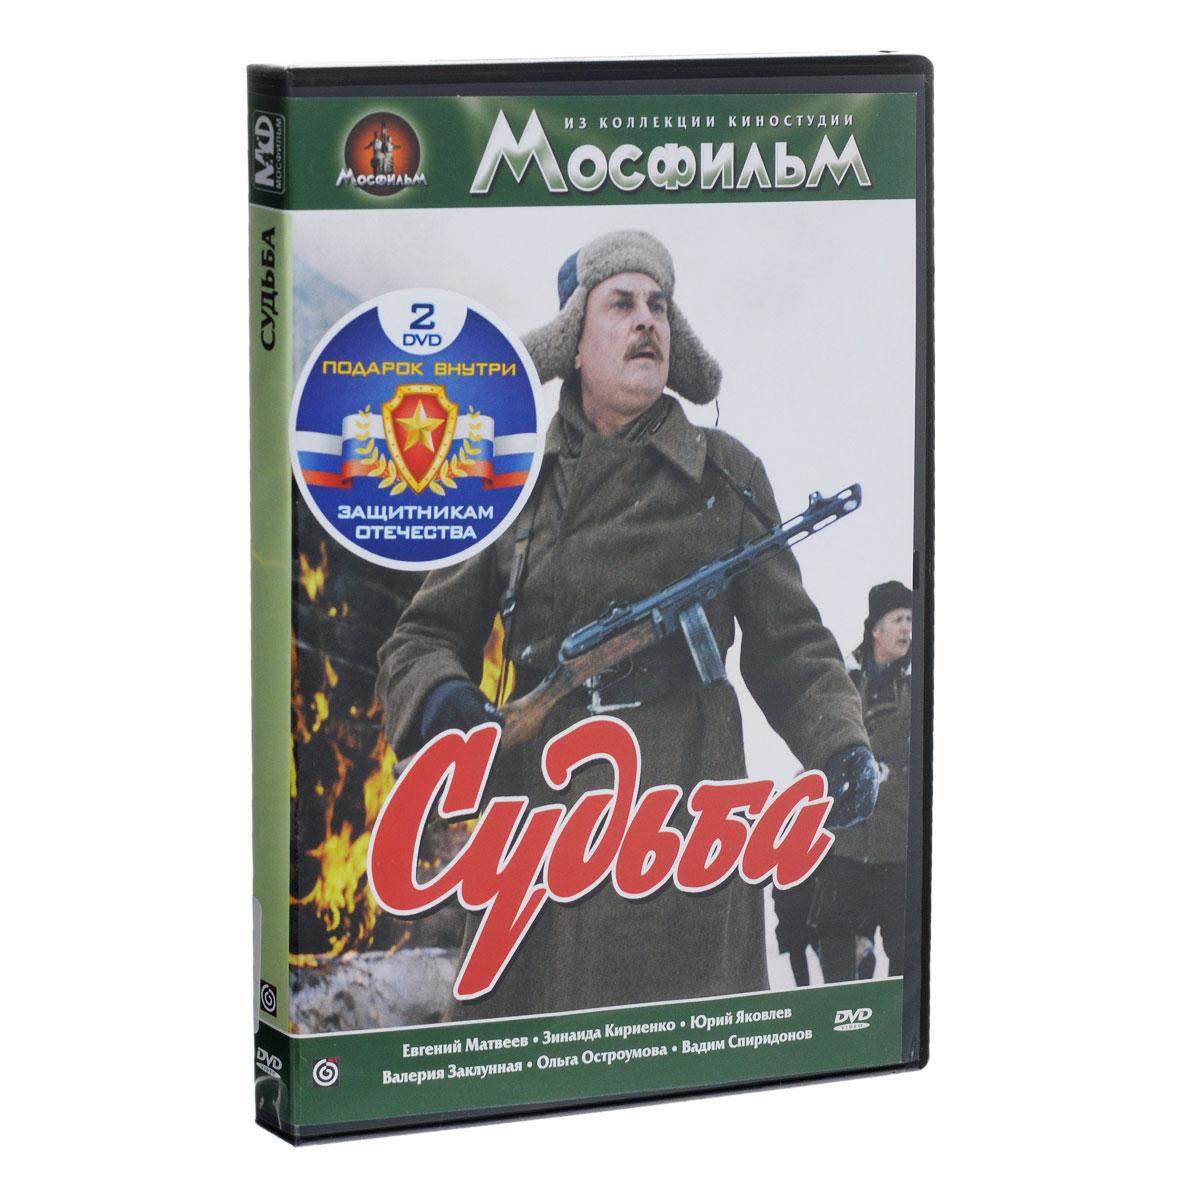 Судьба / Военно-полевой роман